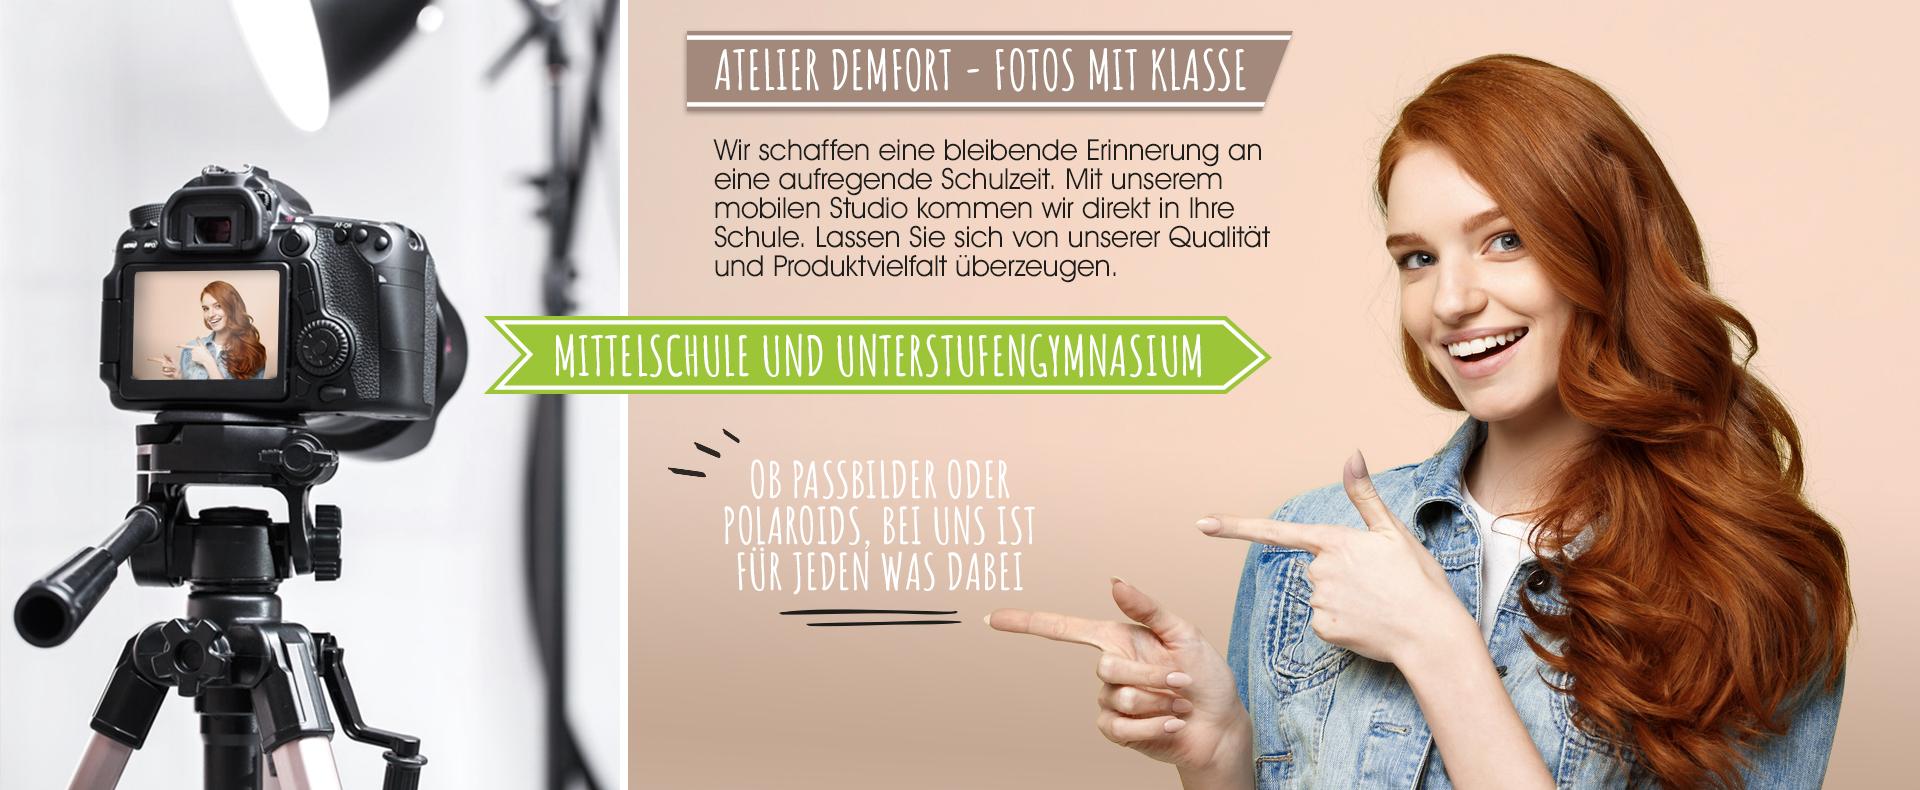 Mittelschule und Unterstufengymnasium